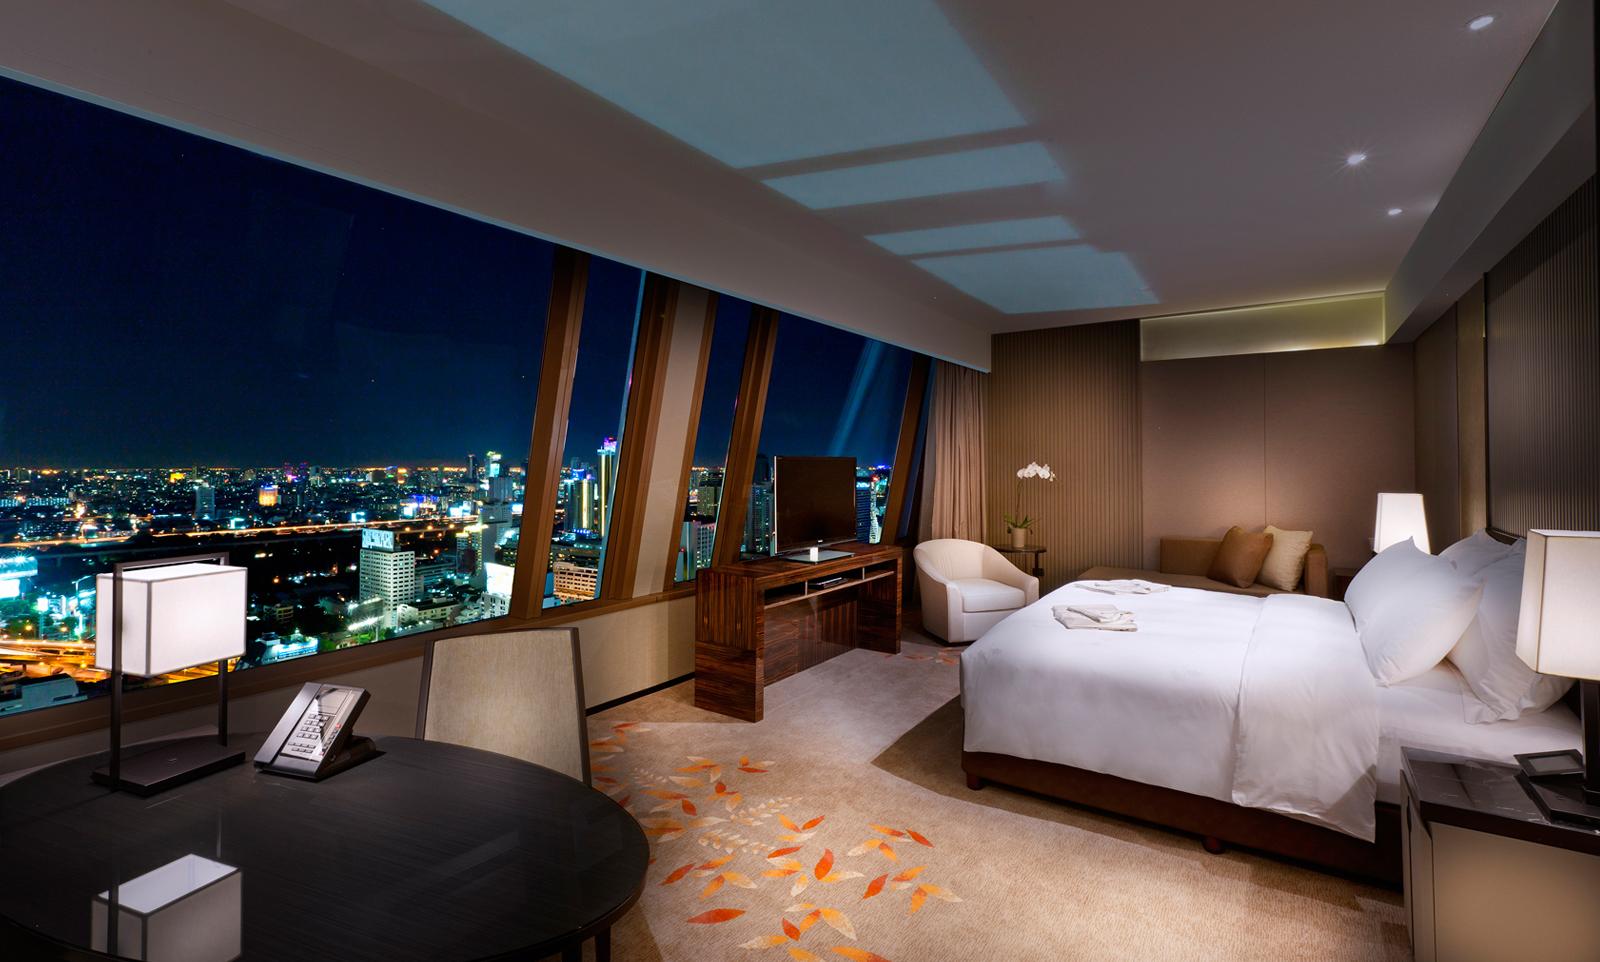 曼谷 大倉酒店開業優惠 送雙人晚餐+雙人SPA